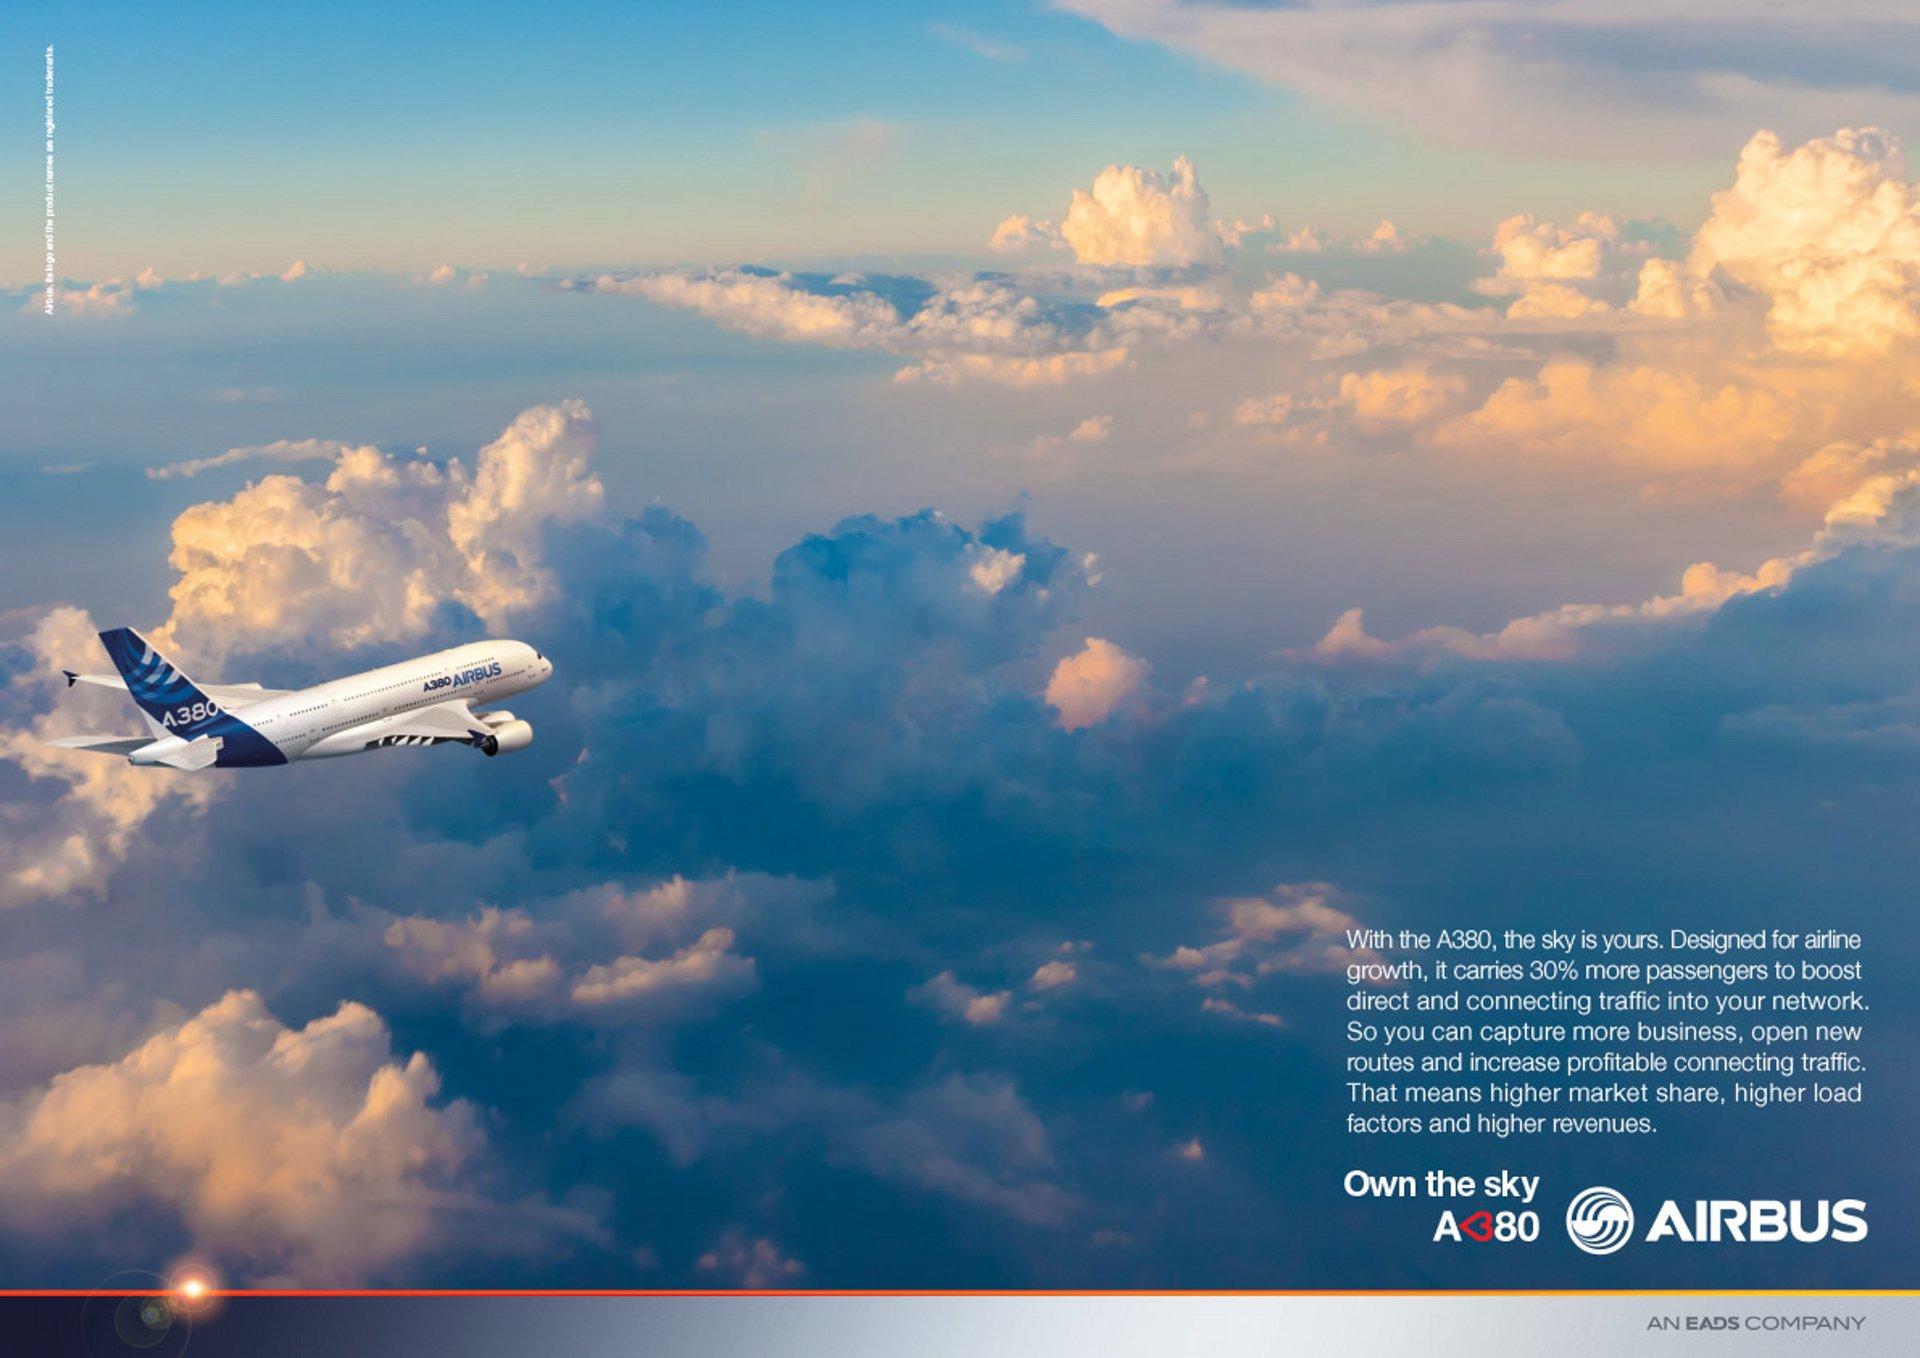 A380 Own The Sky Growth